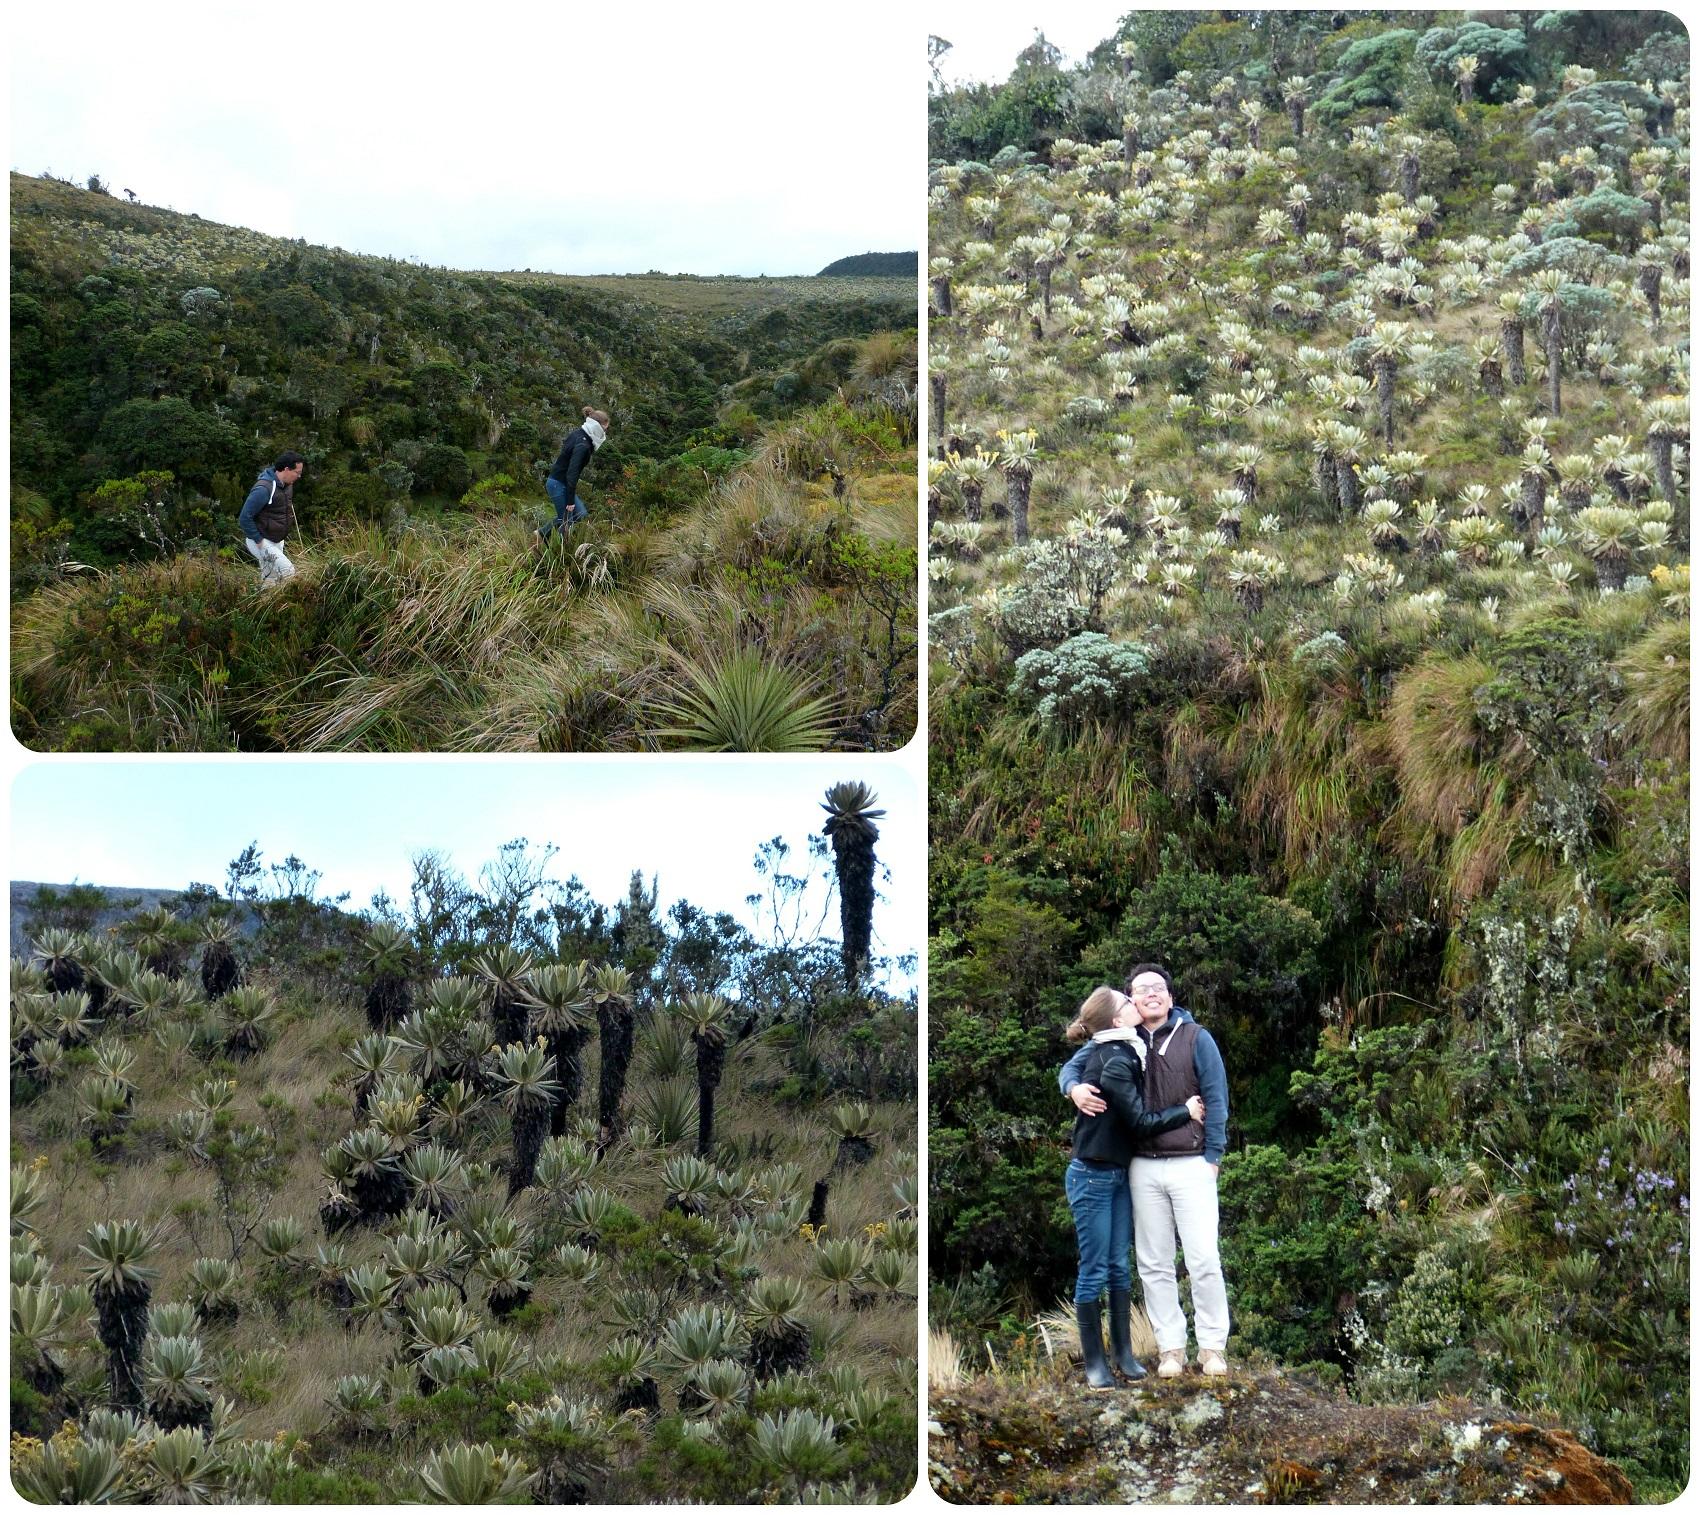 paysages du paramo au parc naturel puracé